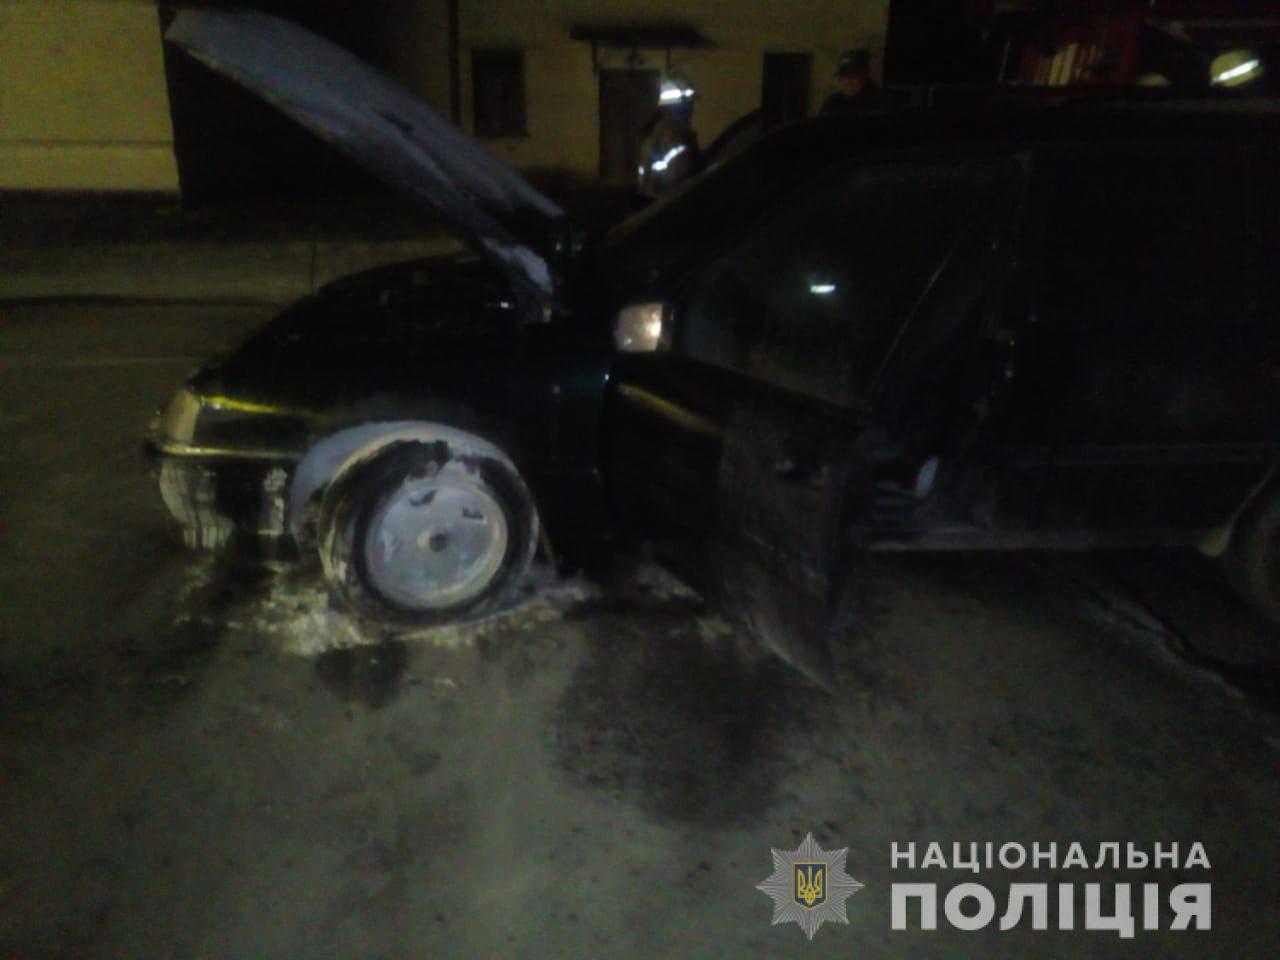 rokytnevogon На Київщині автомобіль спалахнув після заправки